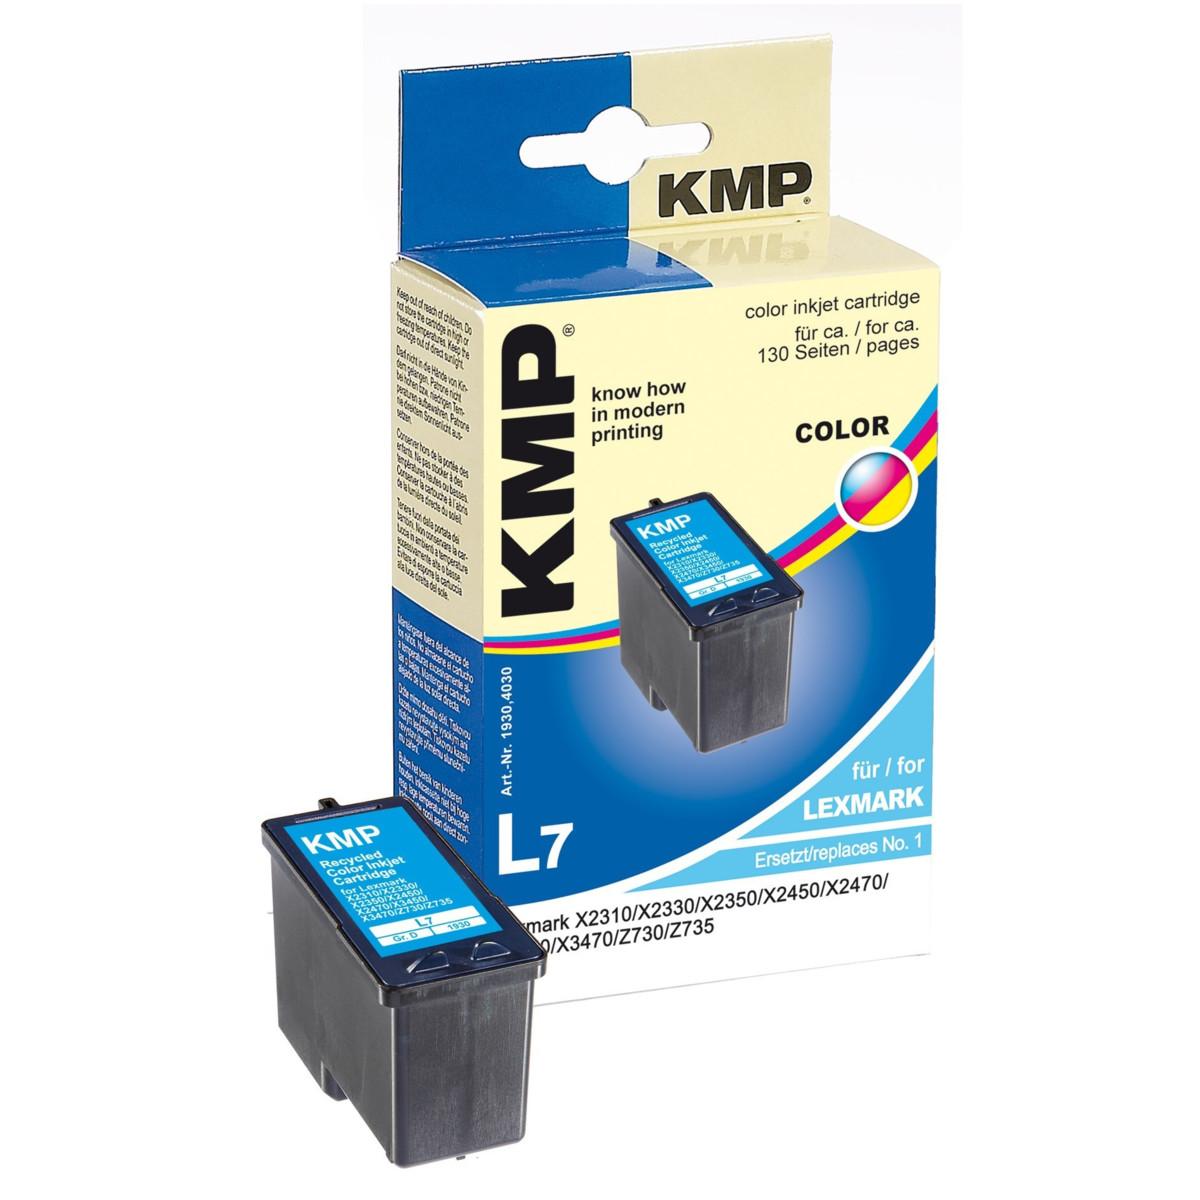 KMP Cartridge Lexmark 1, Lexmark 18C0781E, - renovovaná (Farebná)% - originál